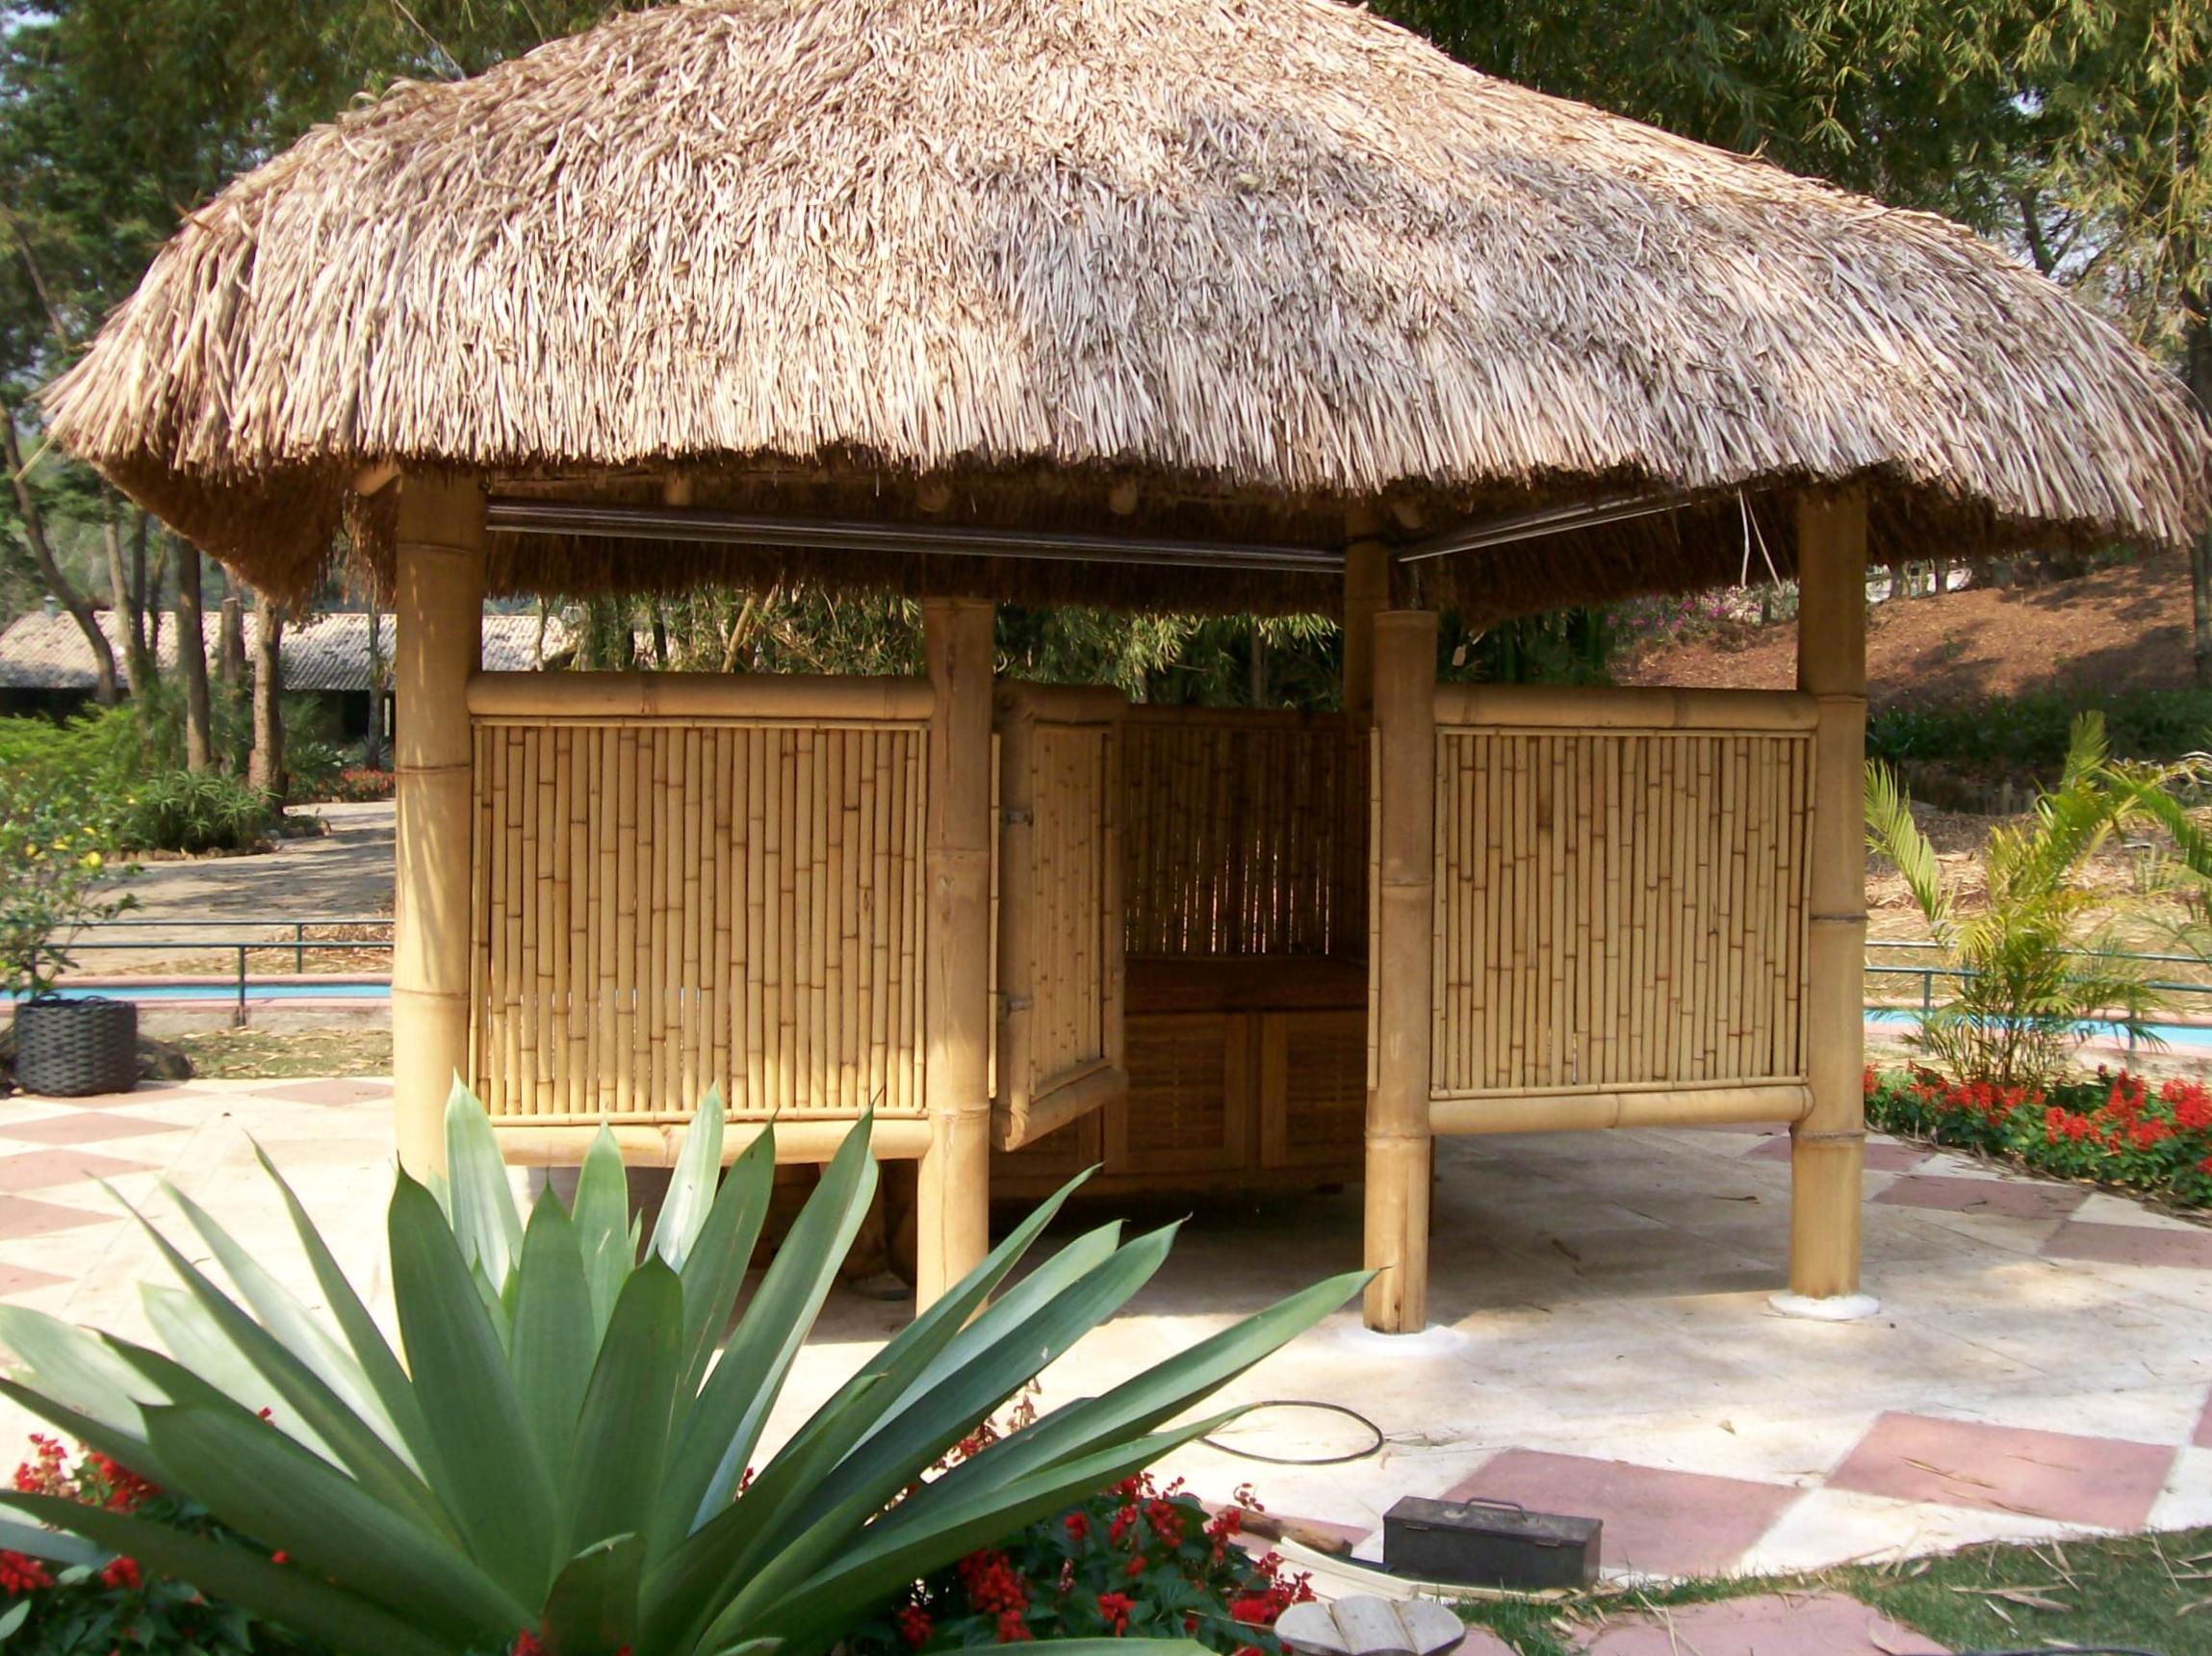 gasebo de bambu